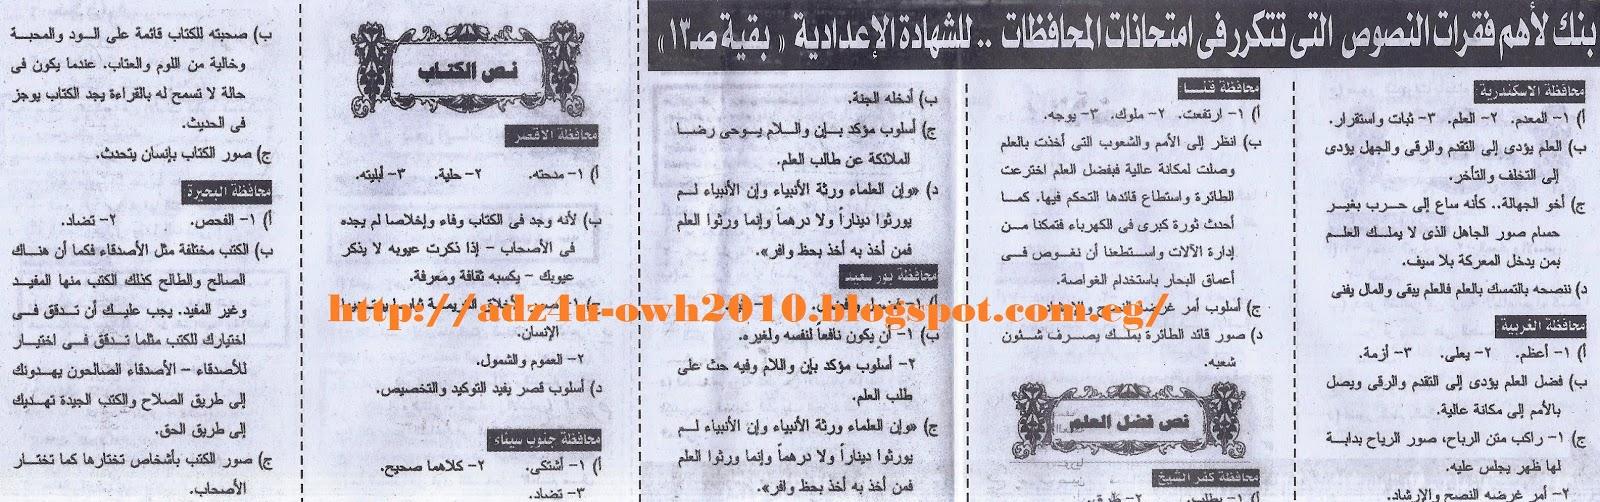 توقعات نصوص الشهادة الاعدادية بالاجابات النموذجية - امتحان نصف العام - ملحق الجمهورية التعليمي 5